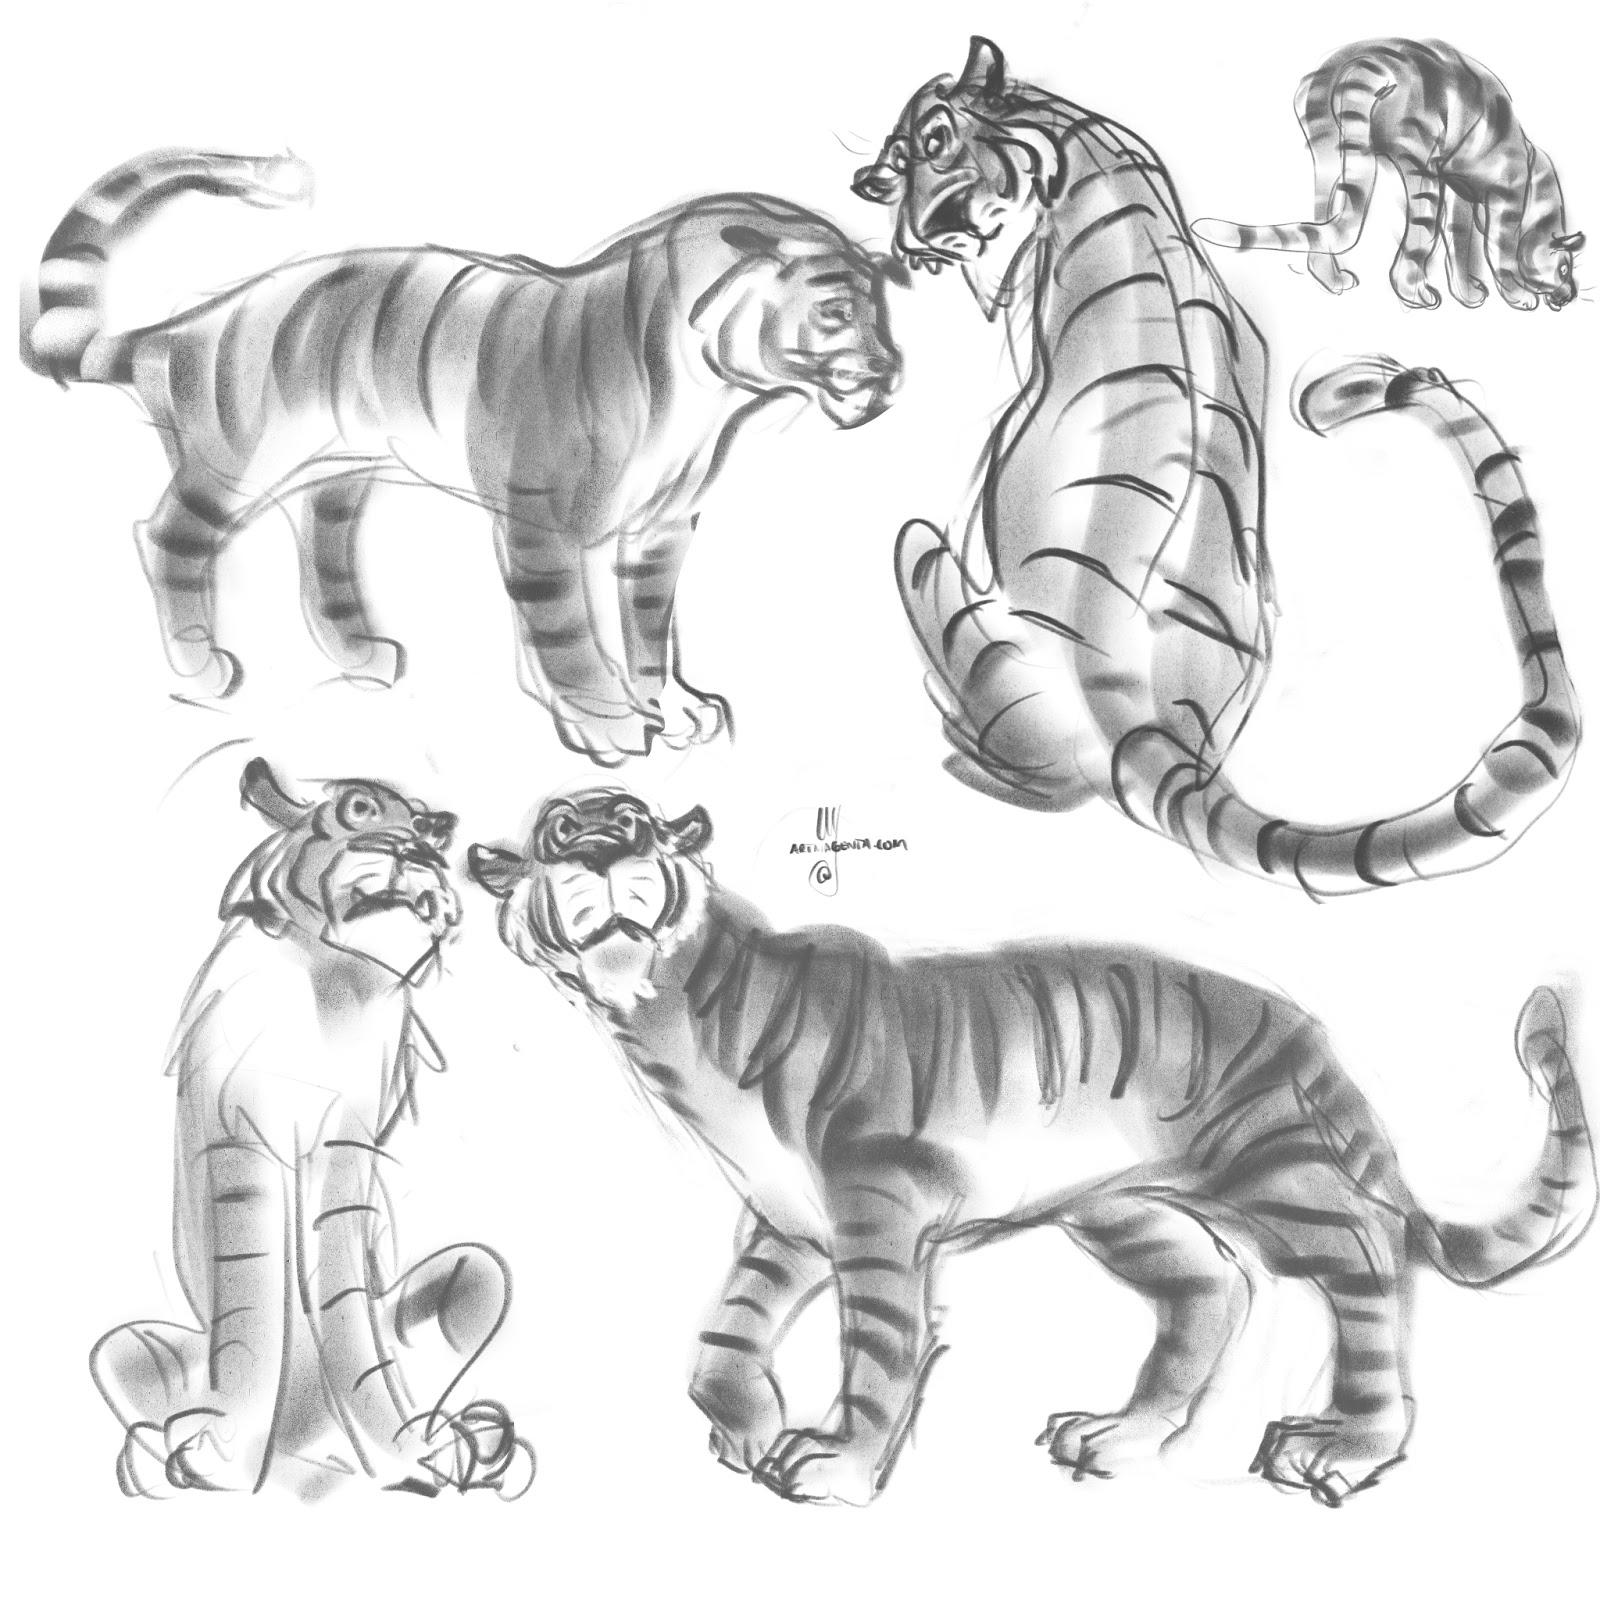 1600x1600 Gesture Drawings More Tigers